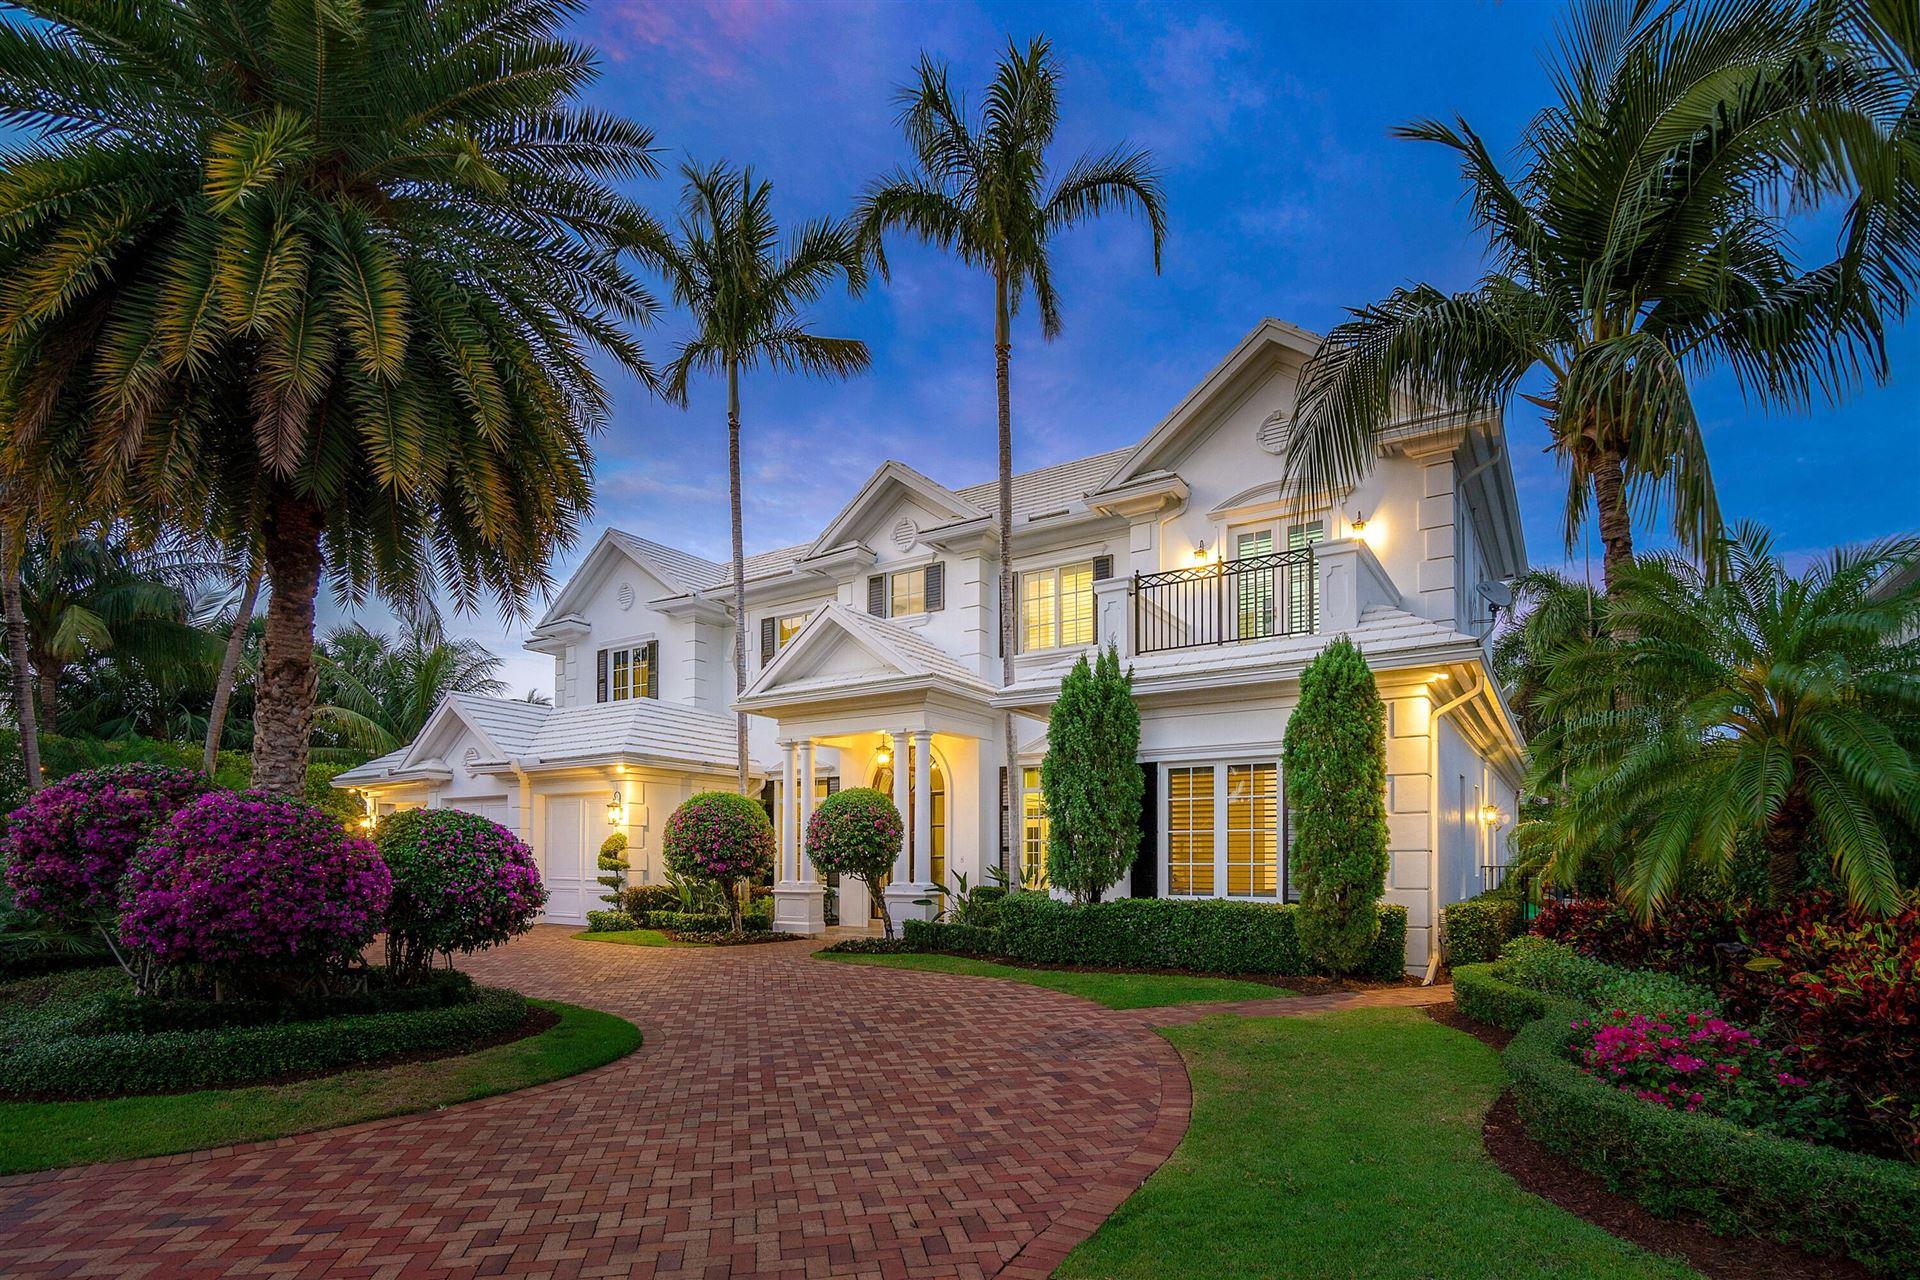 2280 W Silver Palm Road, Boca Raton, FL 33432 - MLS#: RX-10710658